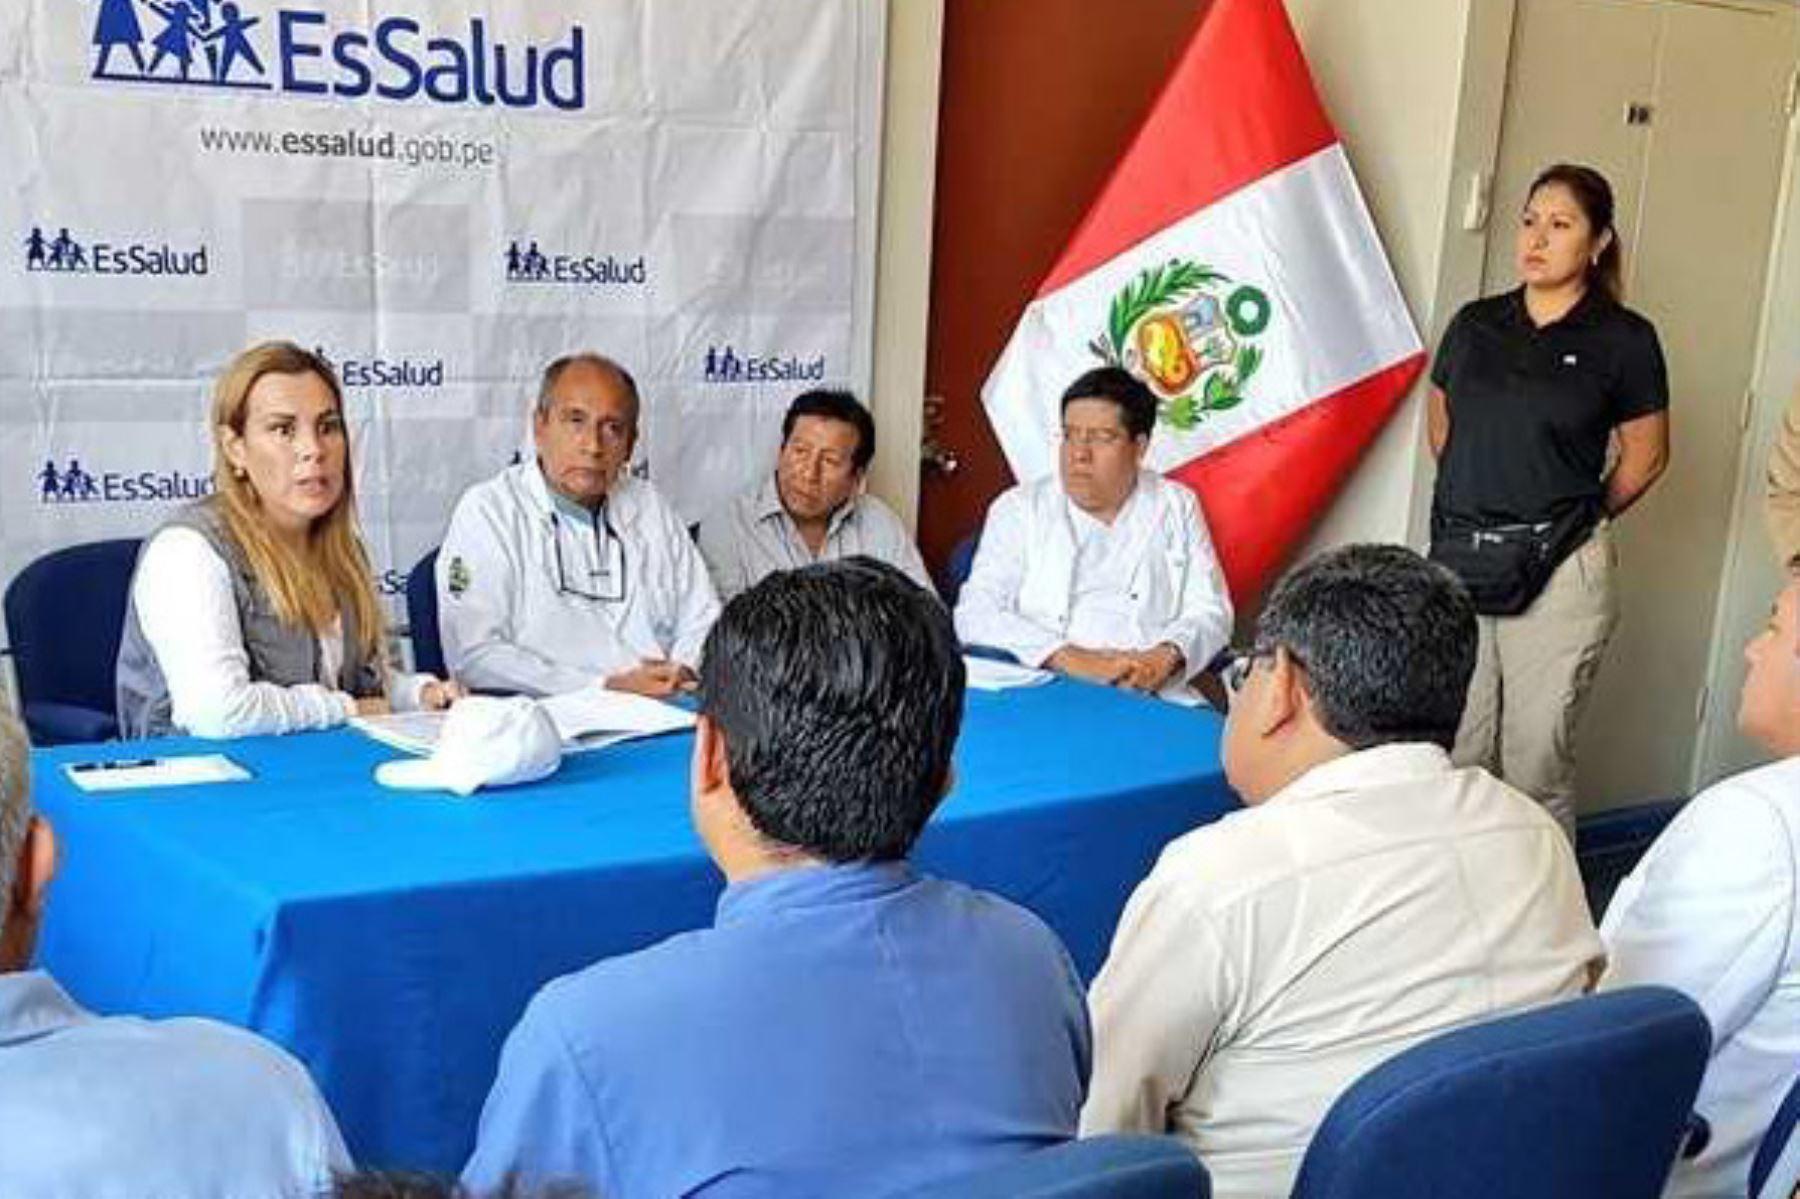 La presidenta ejecutiva de EsSalud, Fiorella Molinelli, anunció en Piura que en un plazo de tres años tendrá listo el moderno Hospital de Alta Complejidad, que atenderá a la población de dicha región.